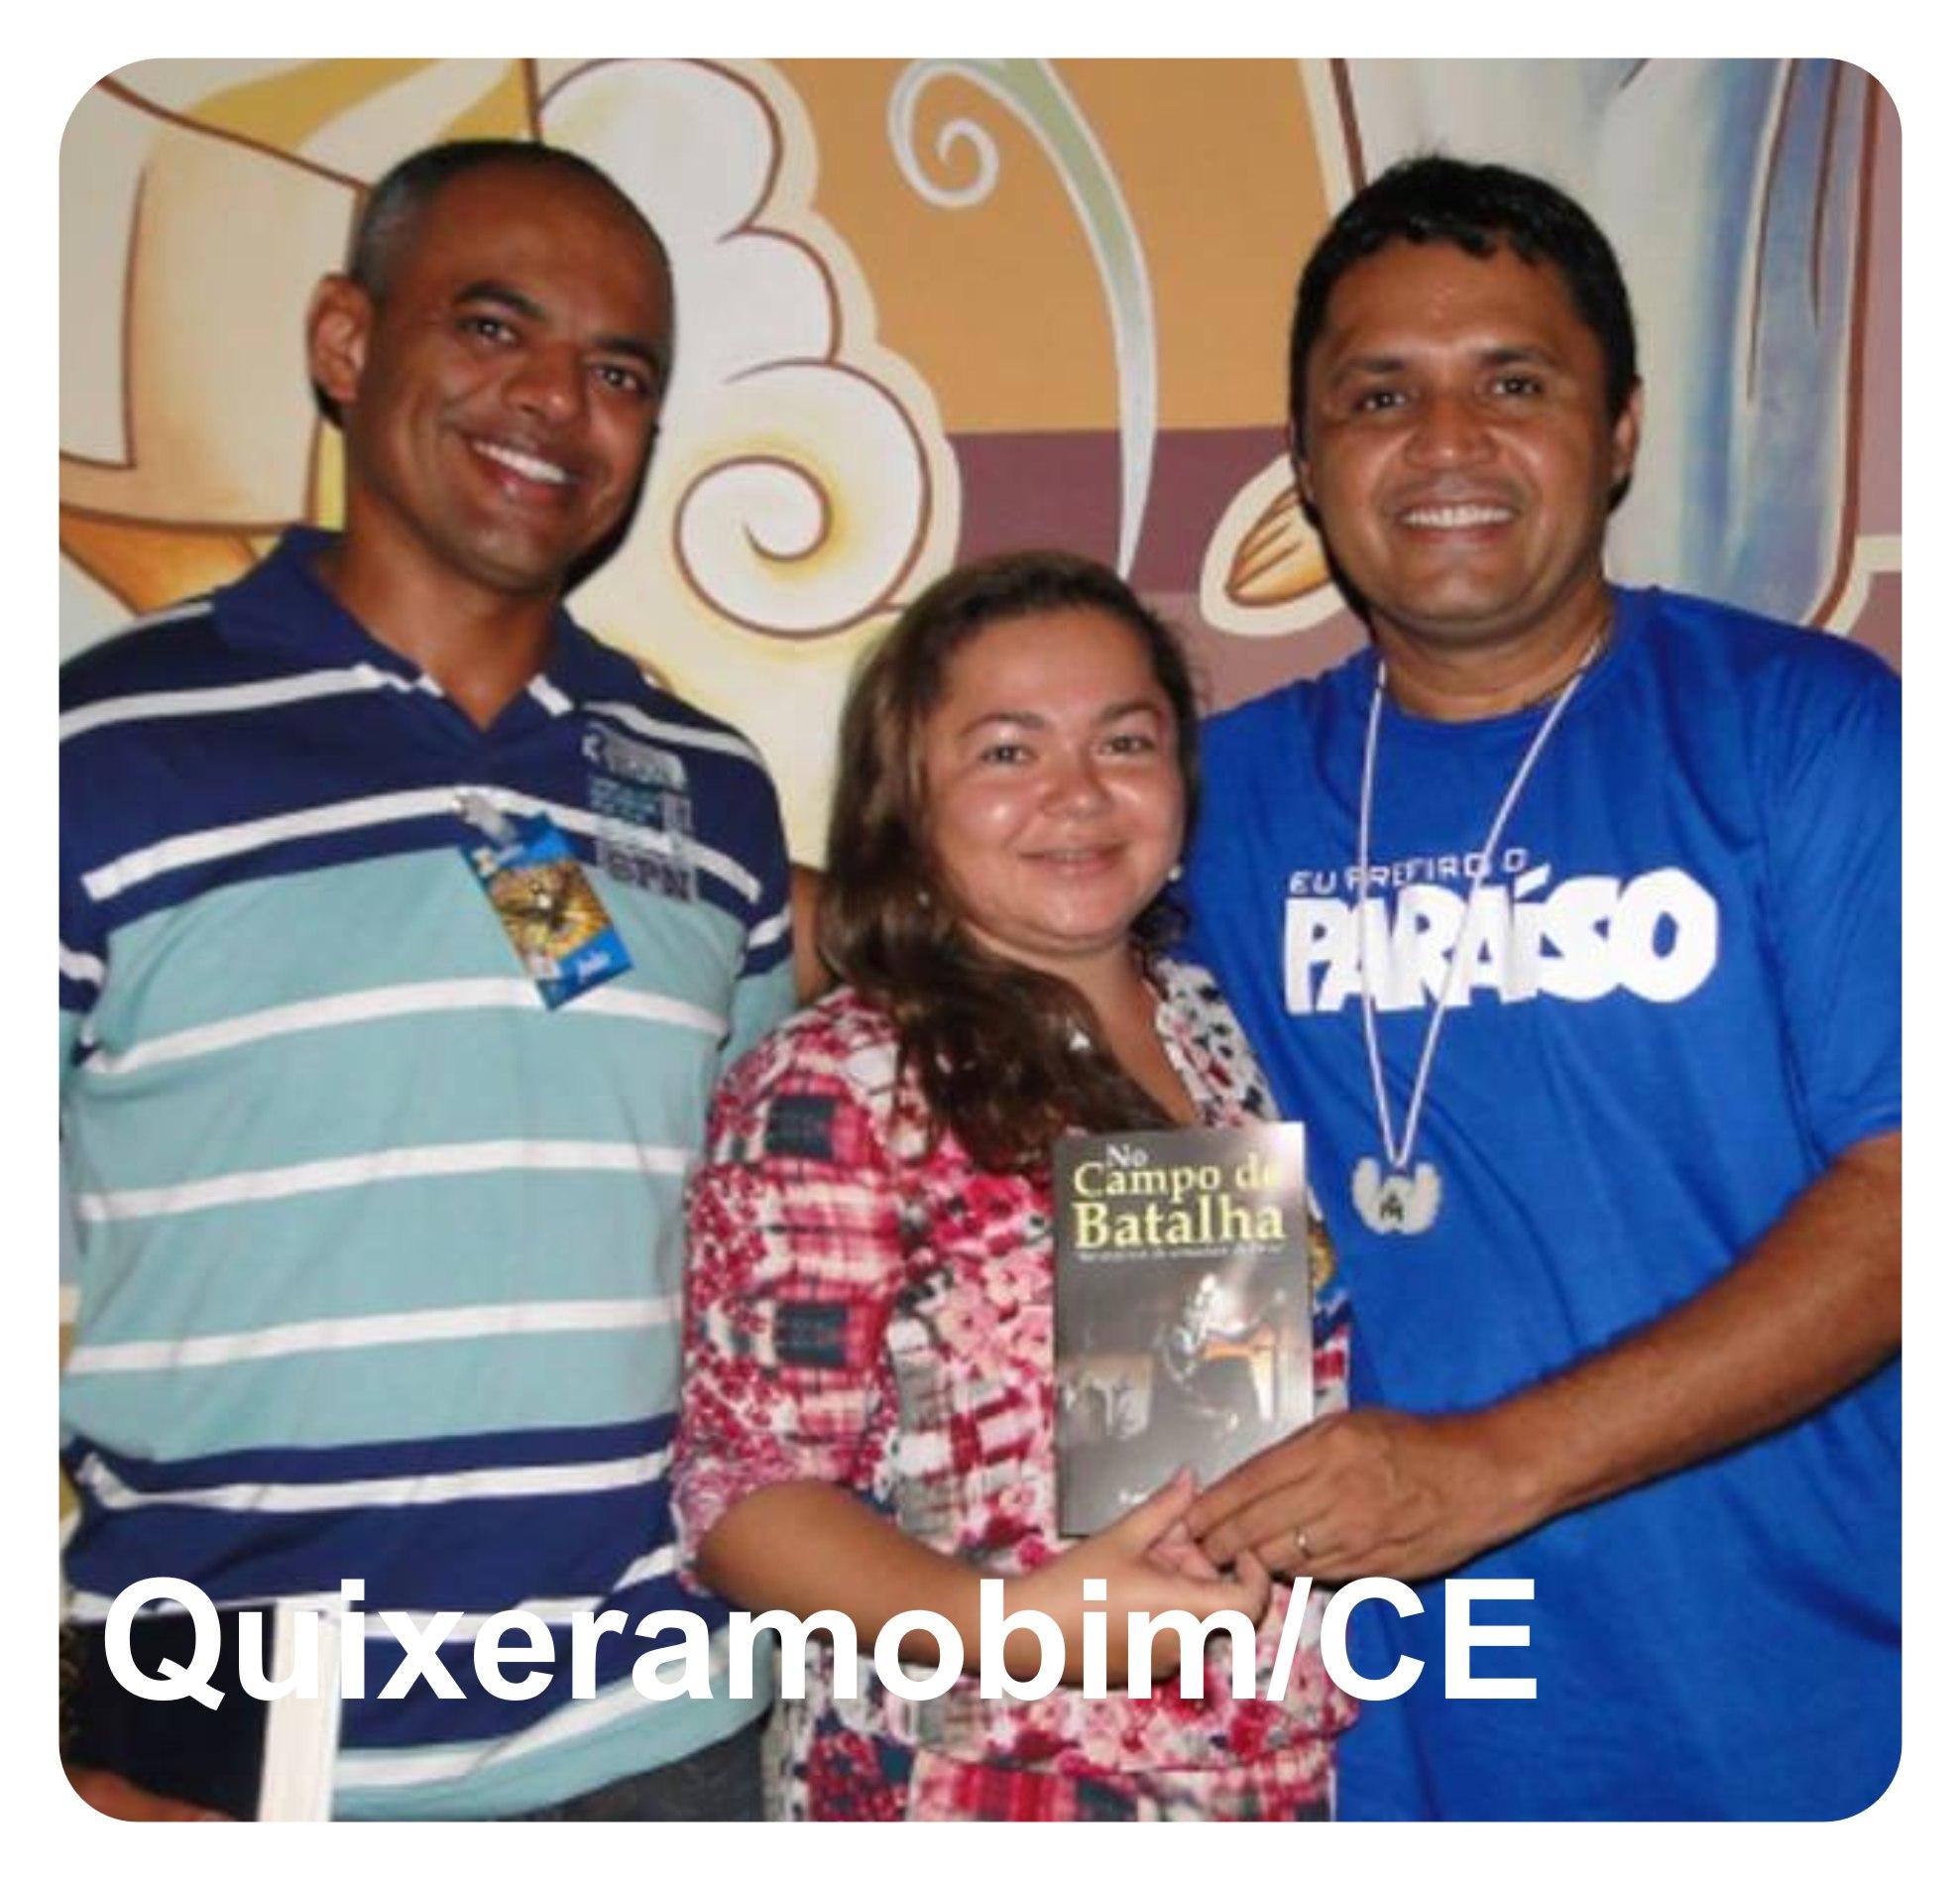 Quixeramobim/CE